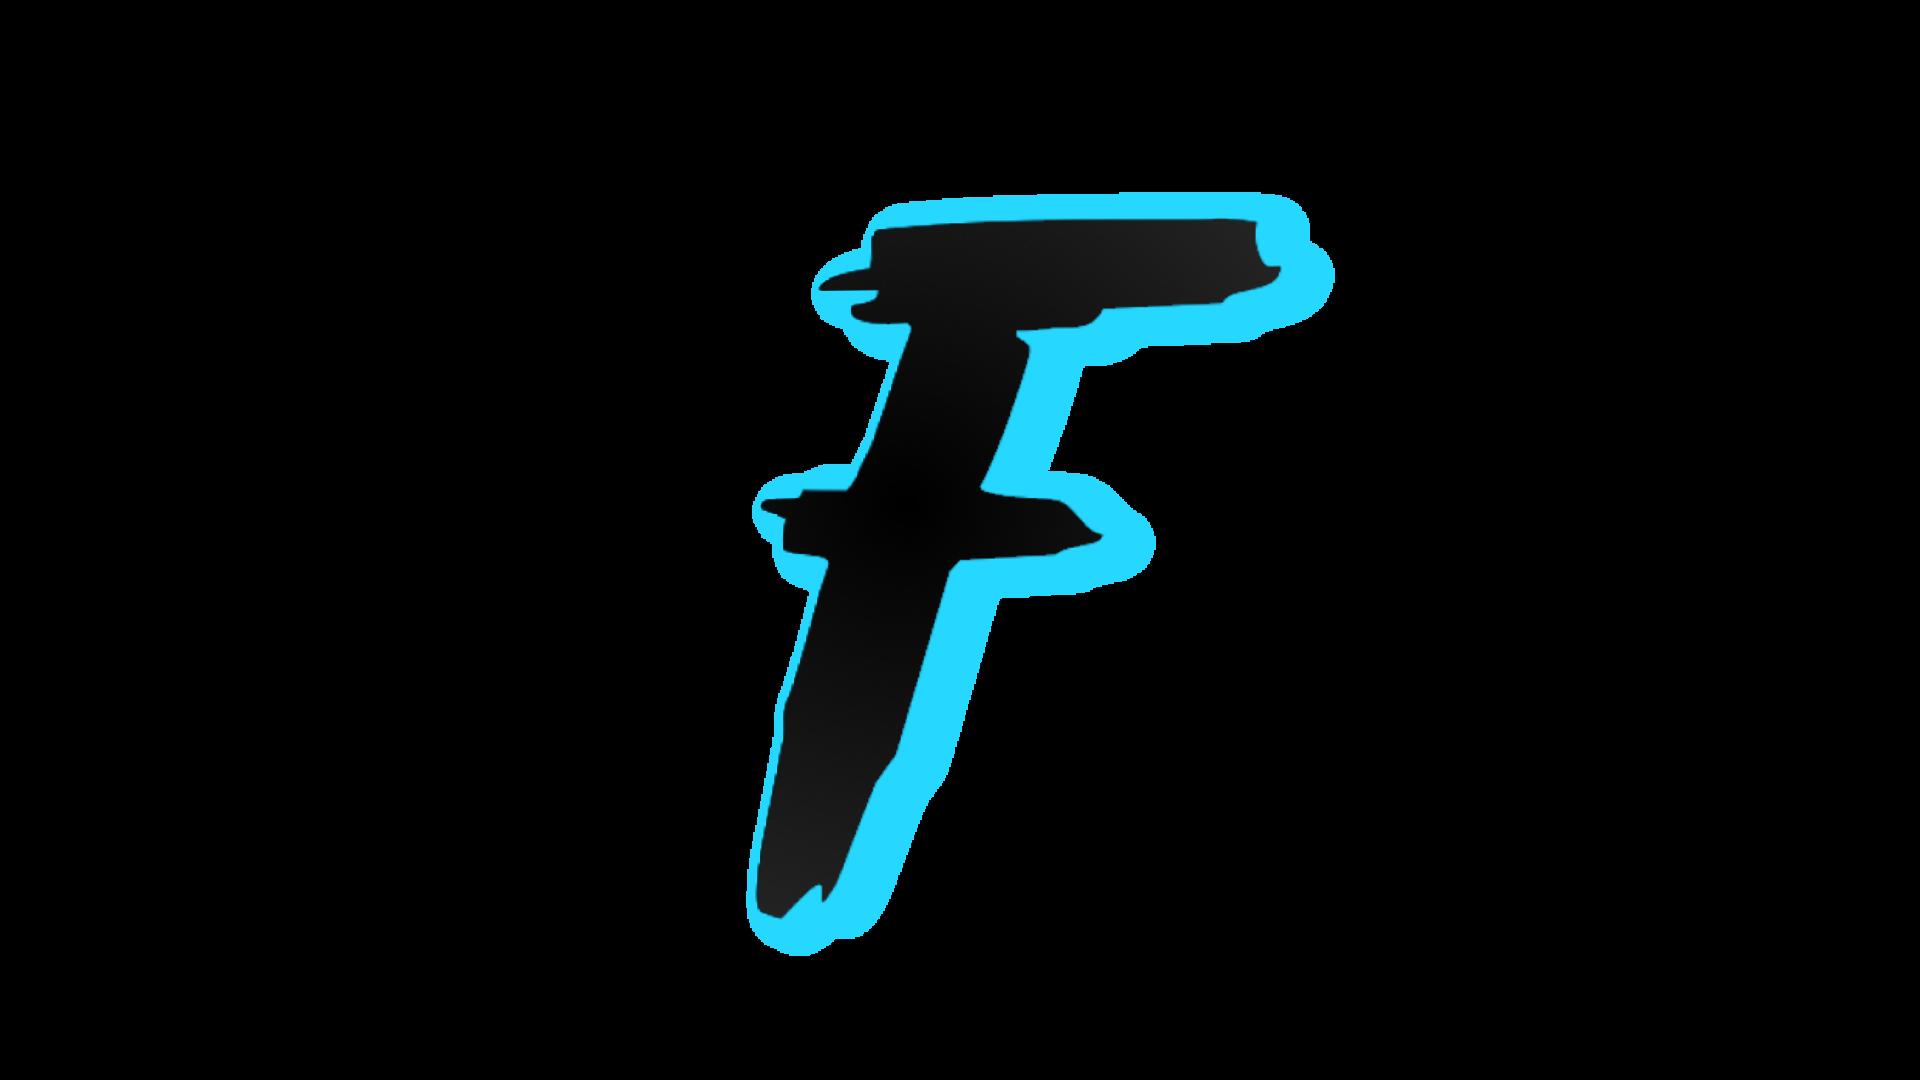 FloogoFX